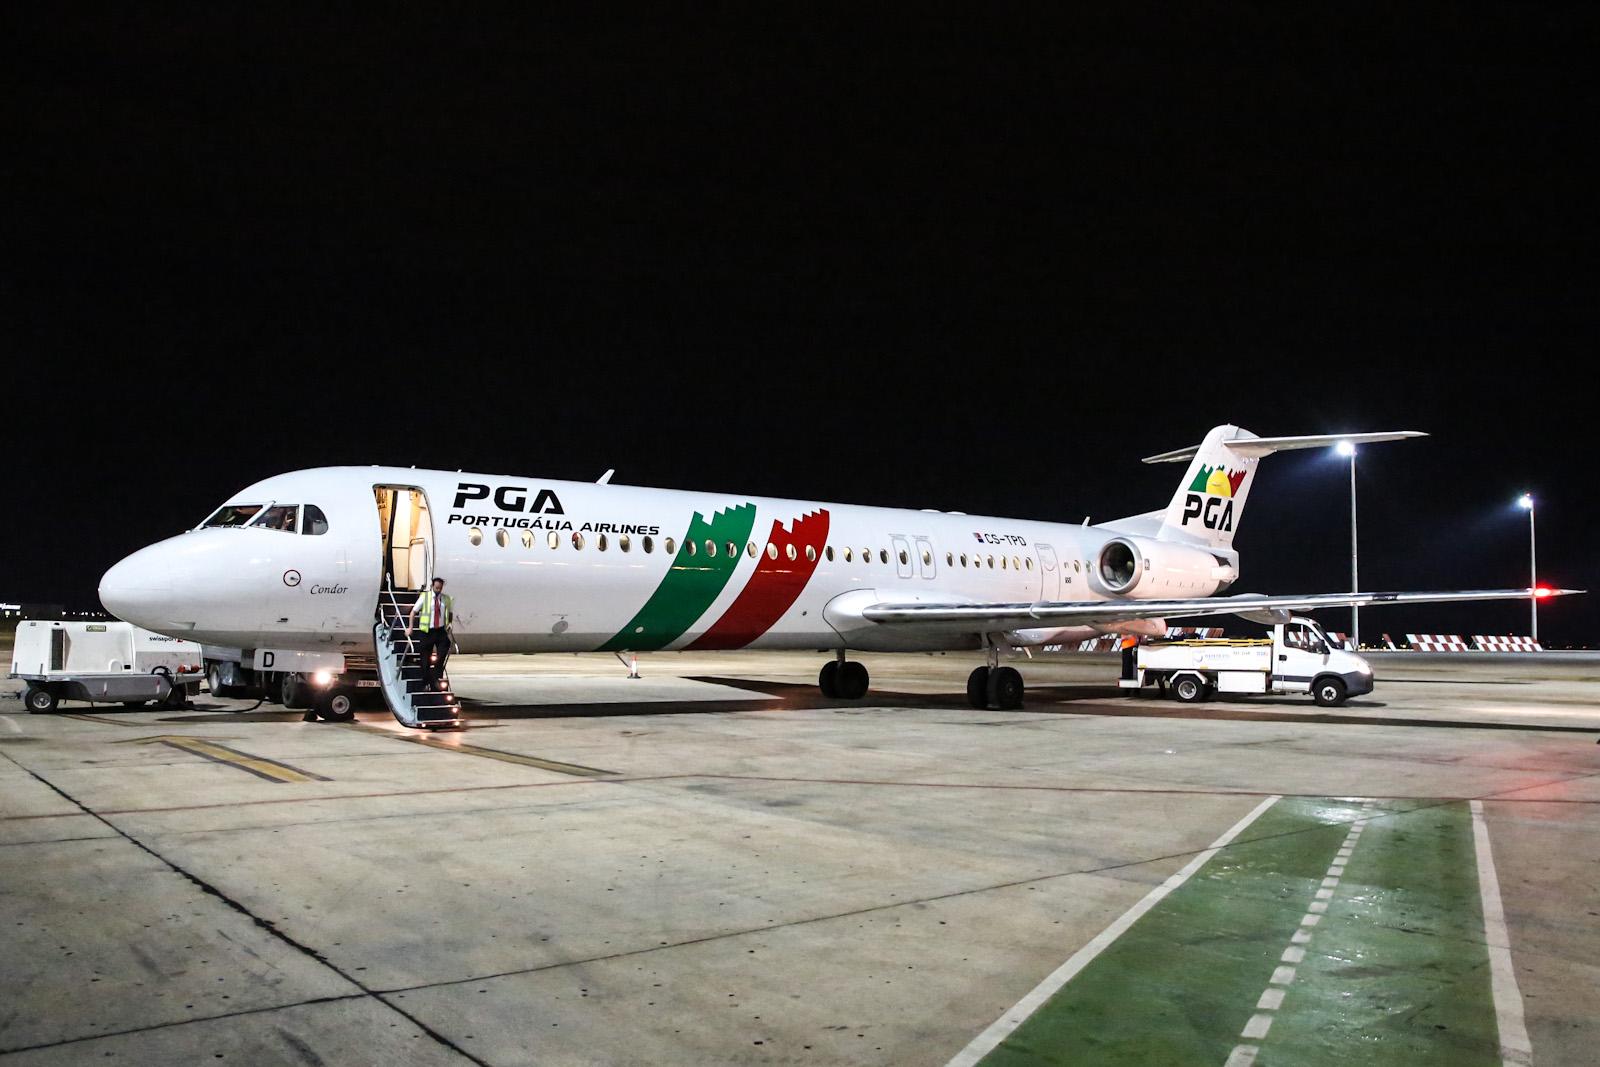 Лиссабон-Валенсия на Fokker-100 PGA